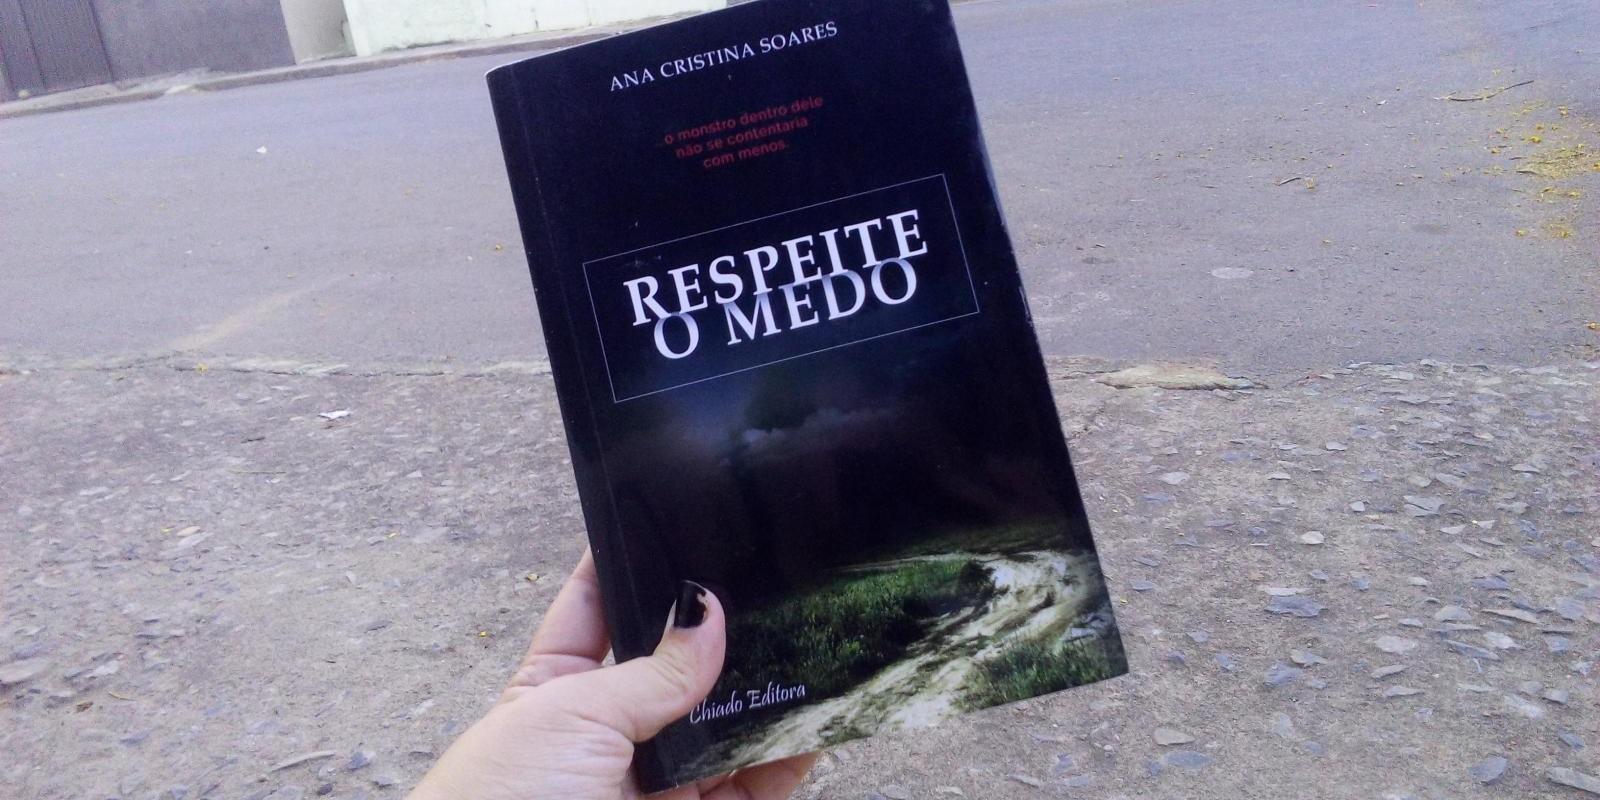 [Respeite o Medo - Ana Cristina Soares]